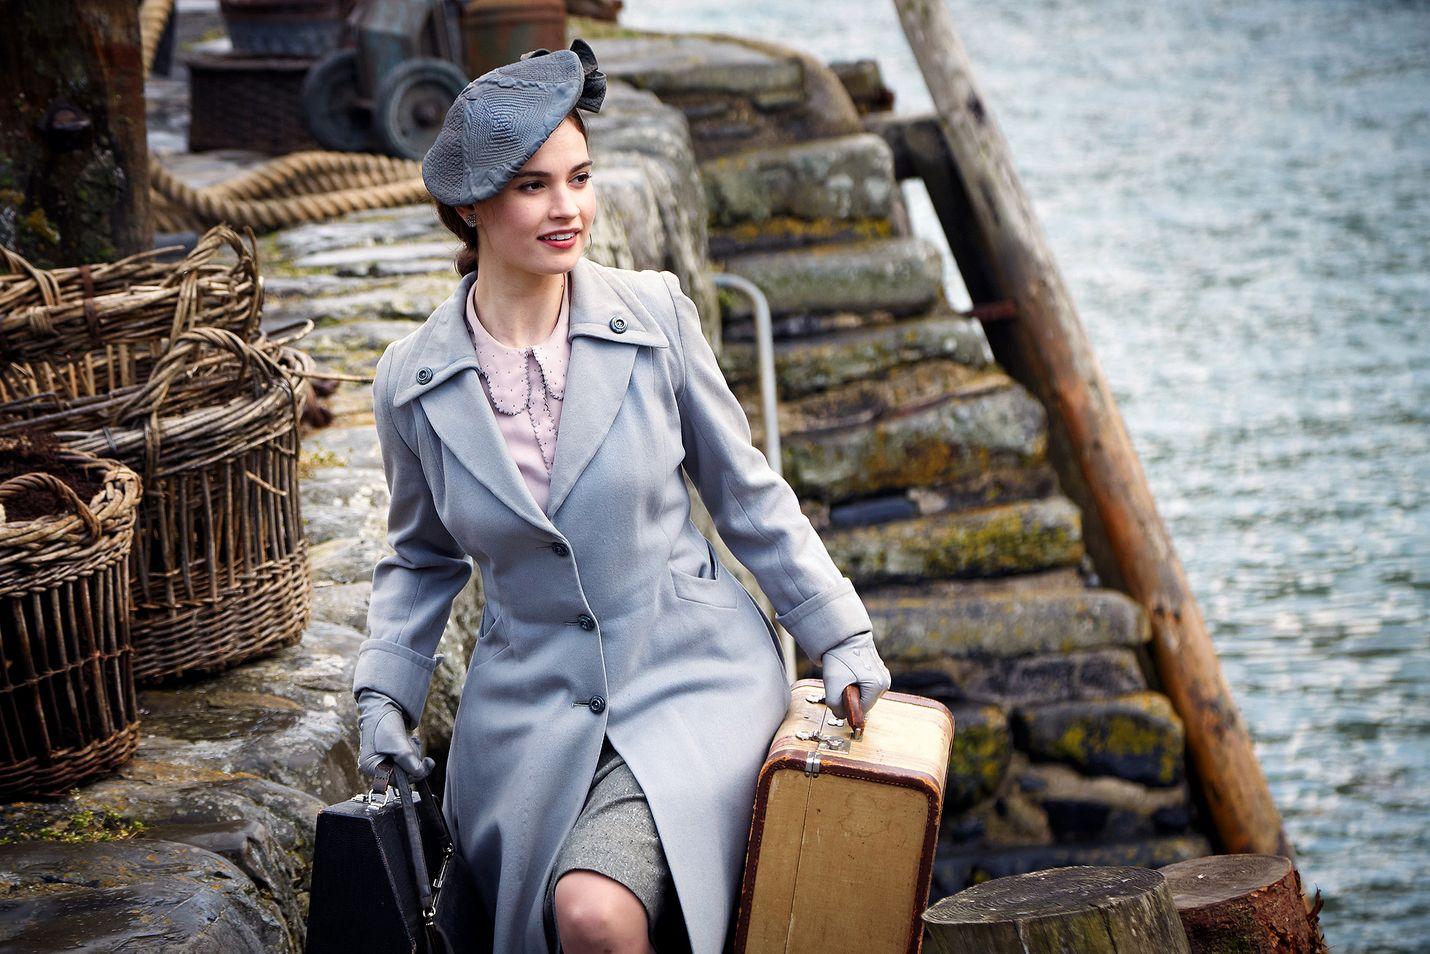 Romanttisessa draamakomediassa nuori kirjailija Juliet (Lily James) matkustaa vuonna 1946 Guernseyn saarelle tutkimaan elämää saksalaismiehityksen aikana.